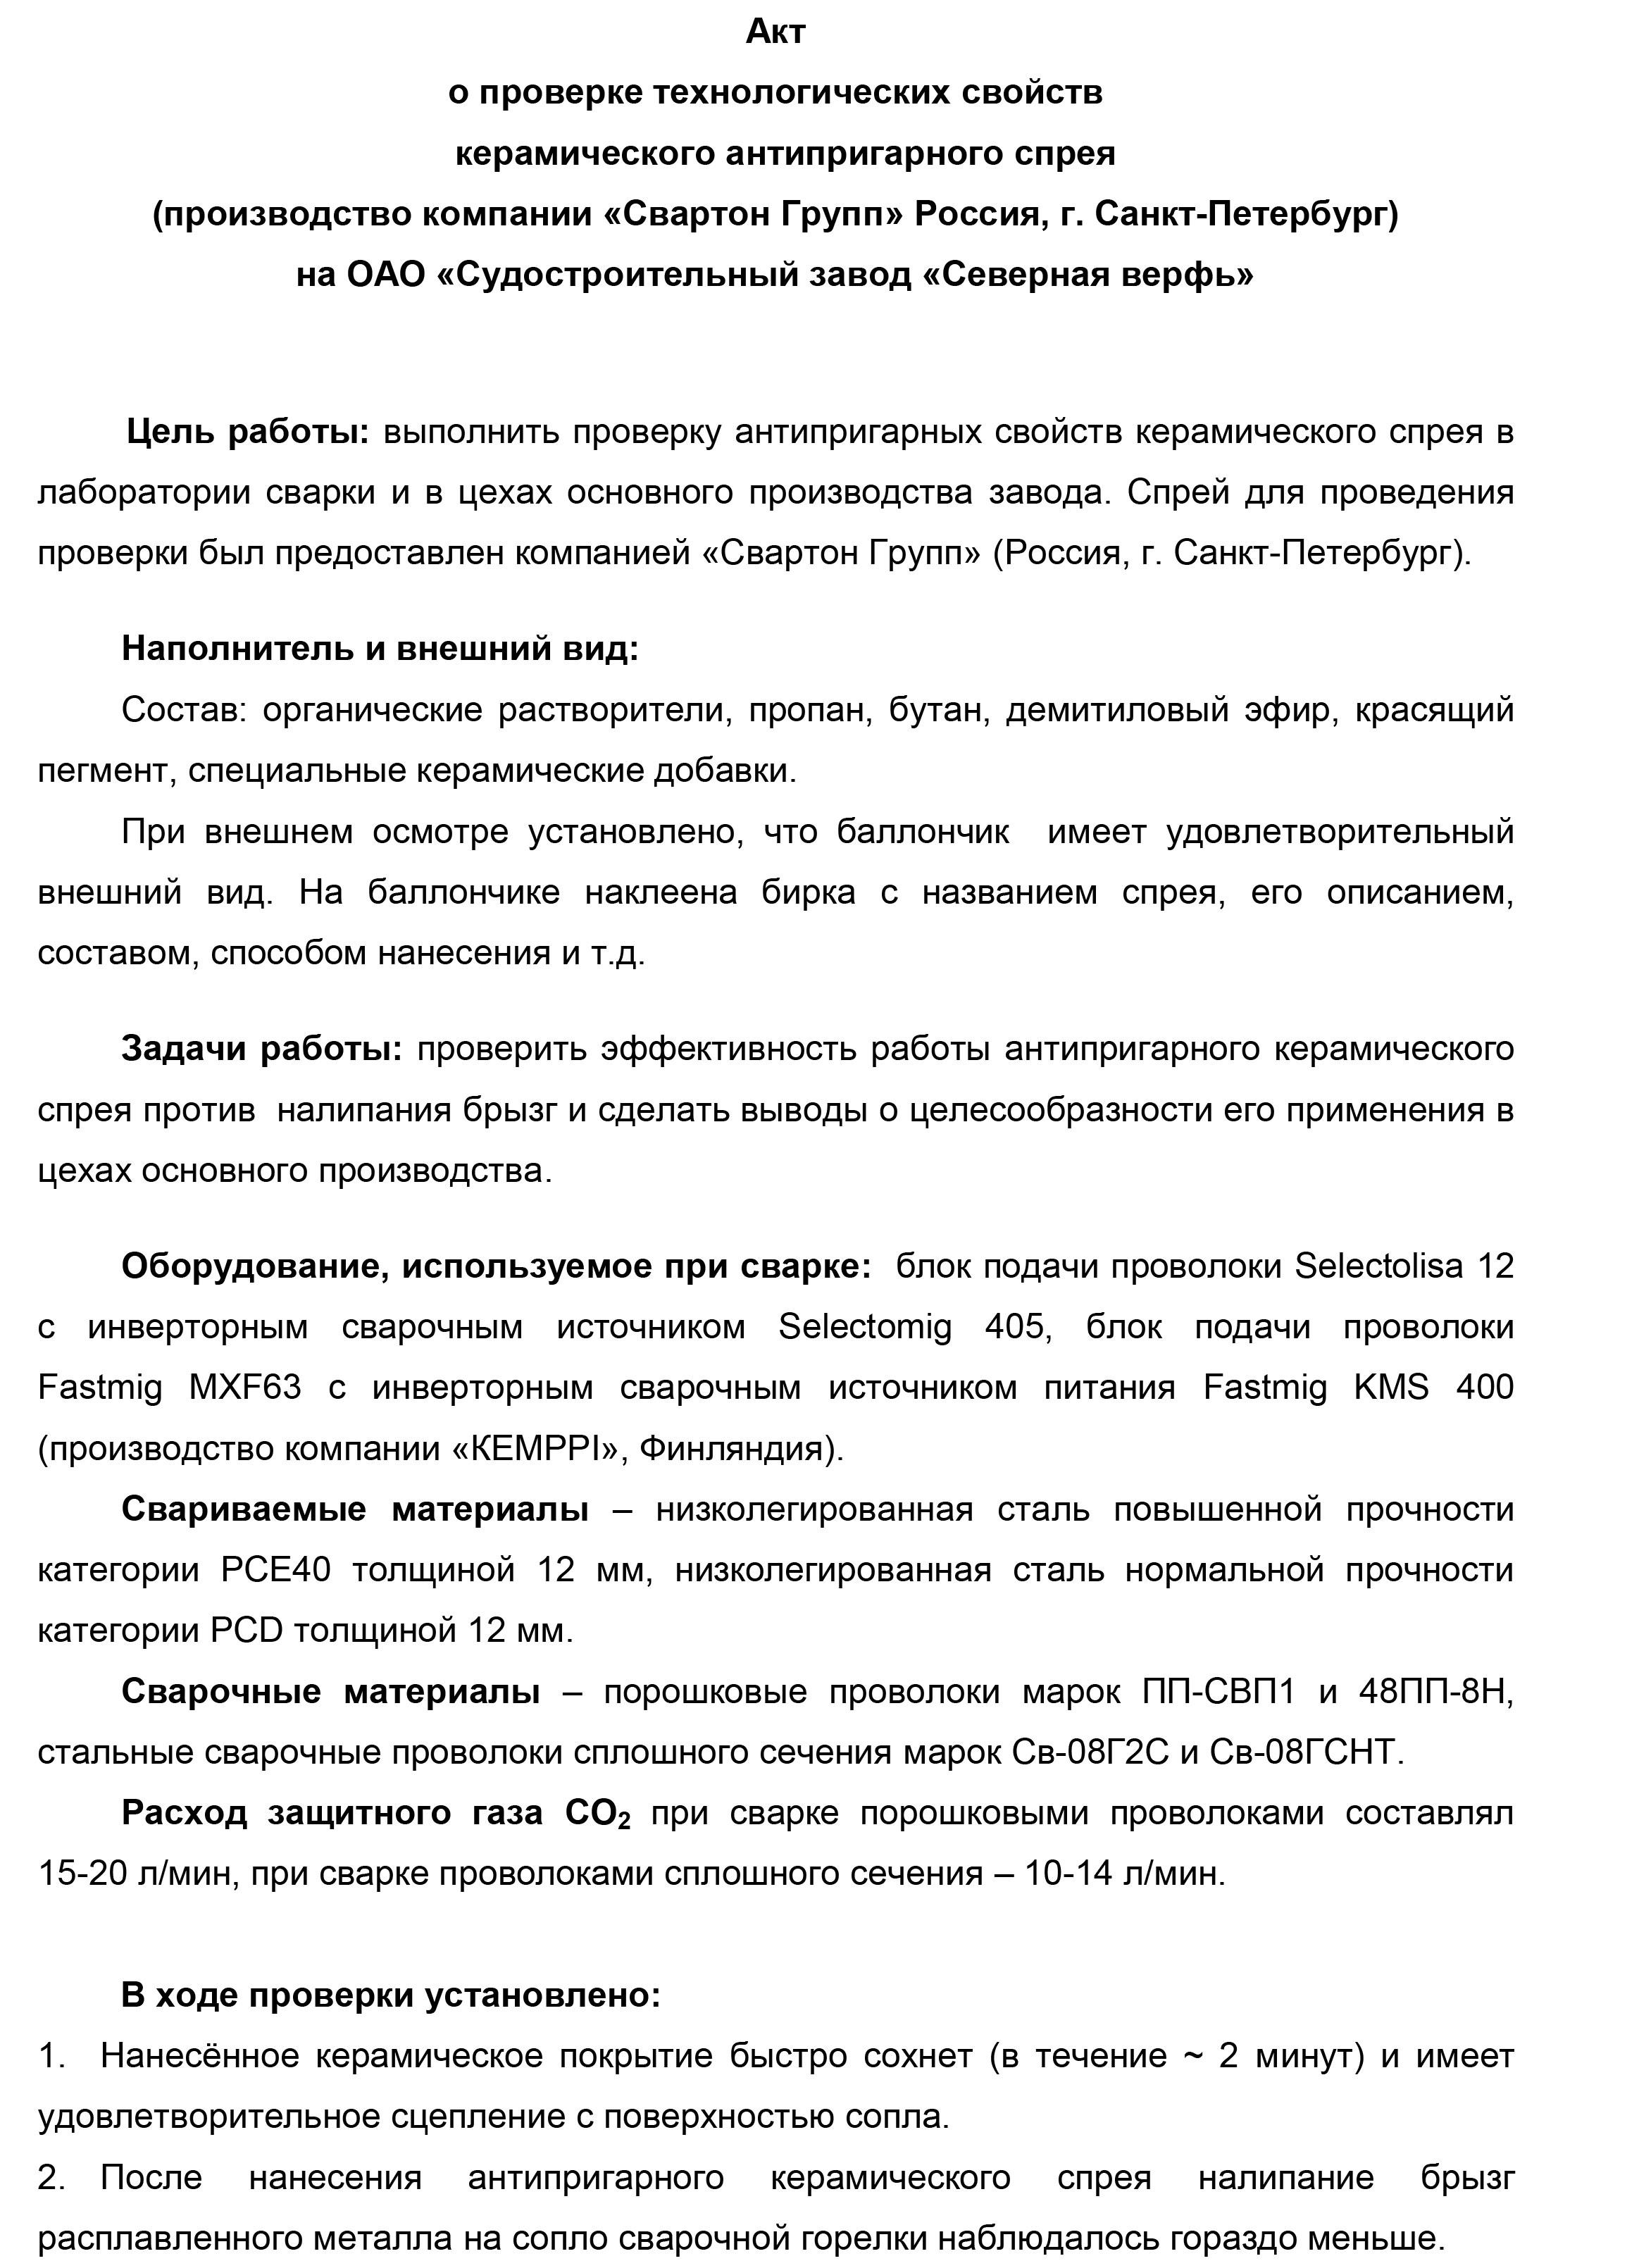 Отзыв Северная Верьфь о сварочной химии свартон